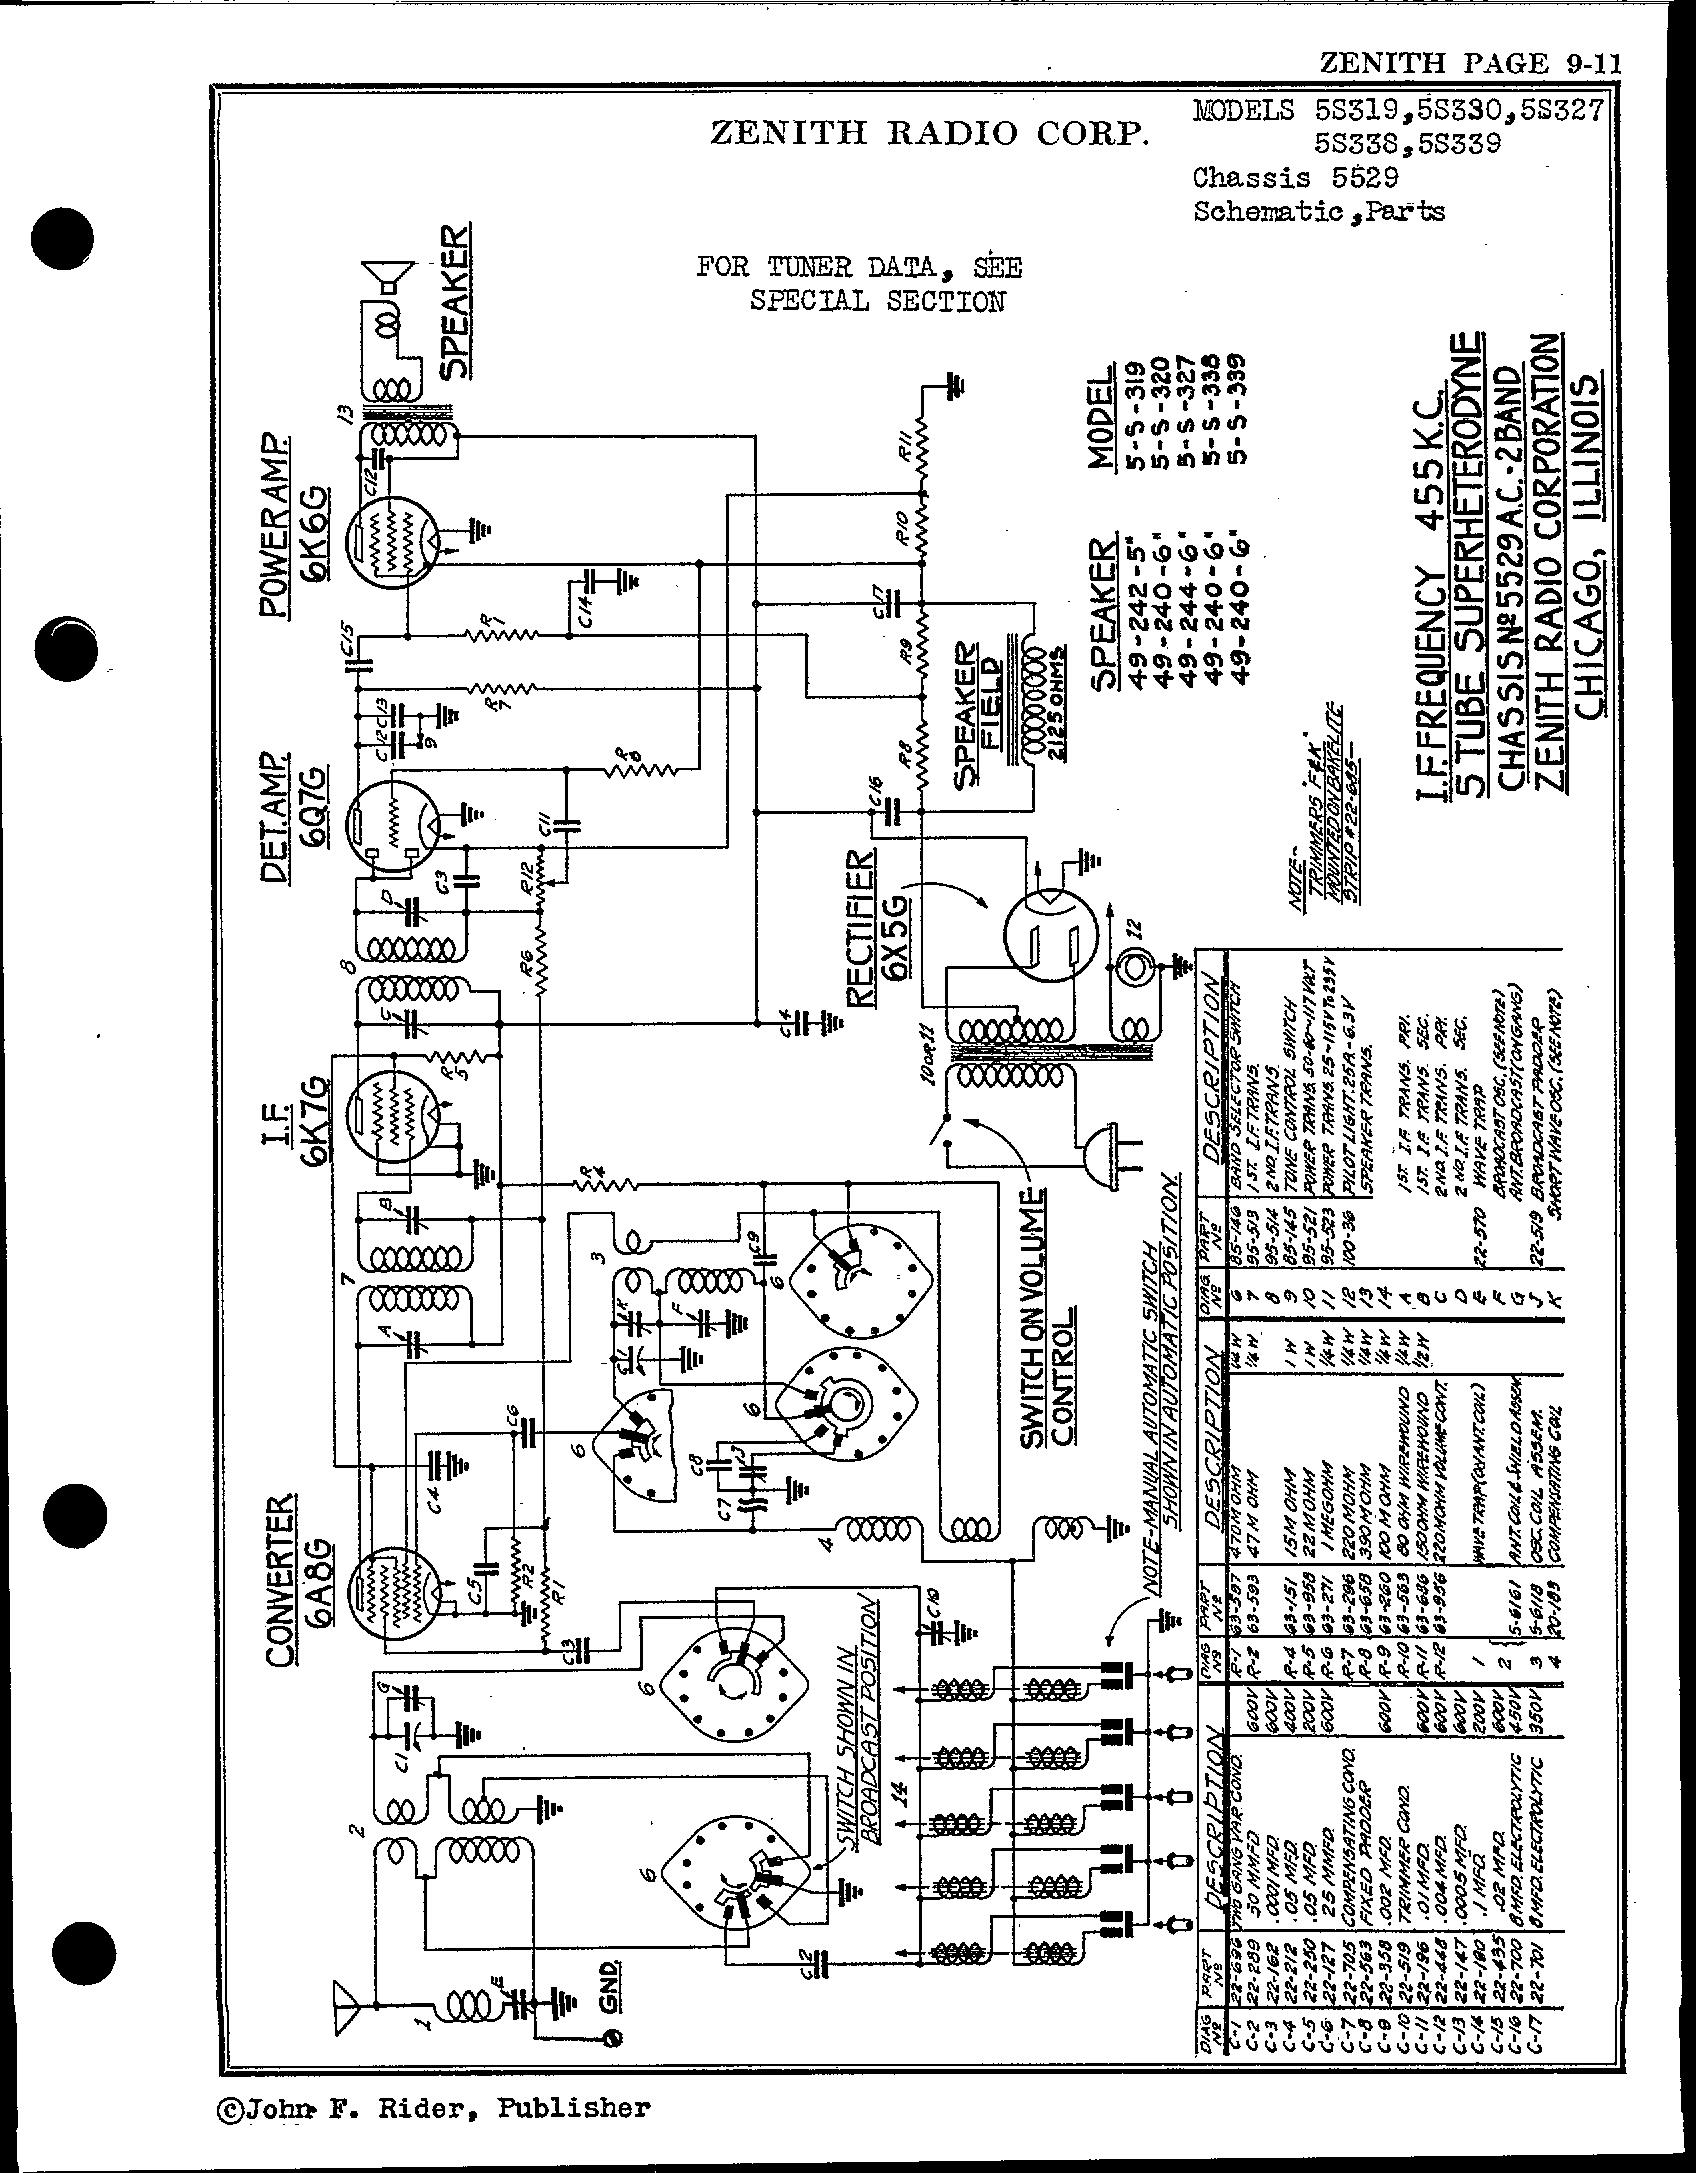 zenith radio corp  5s319